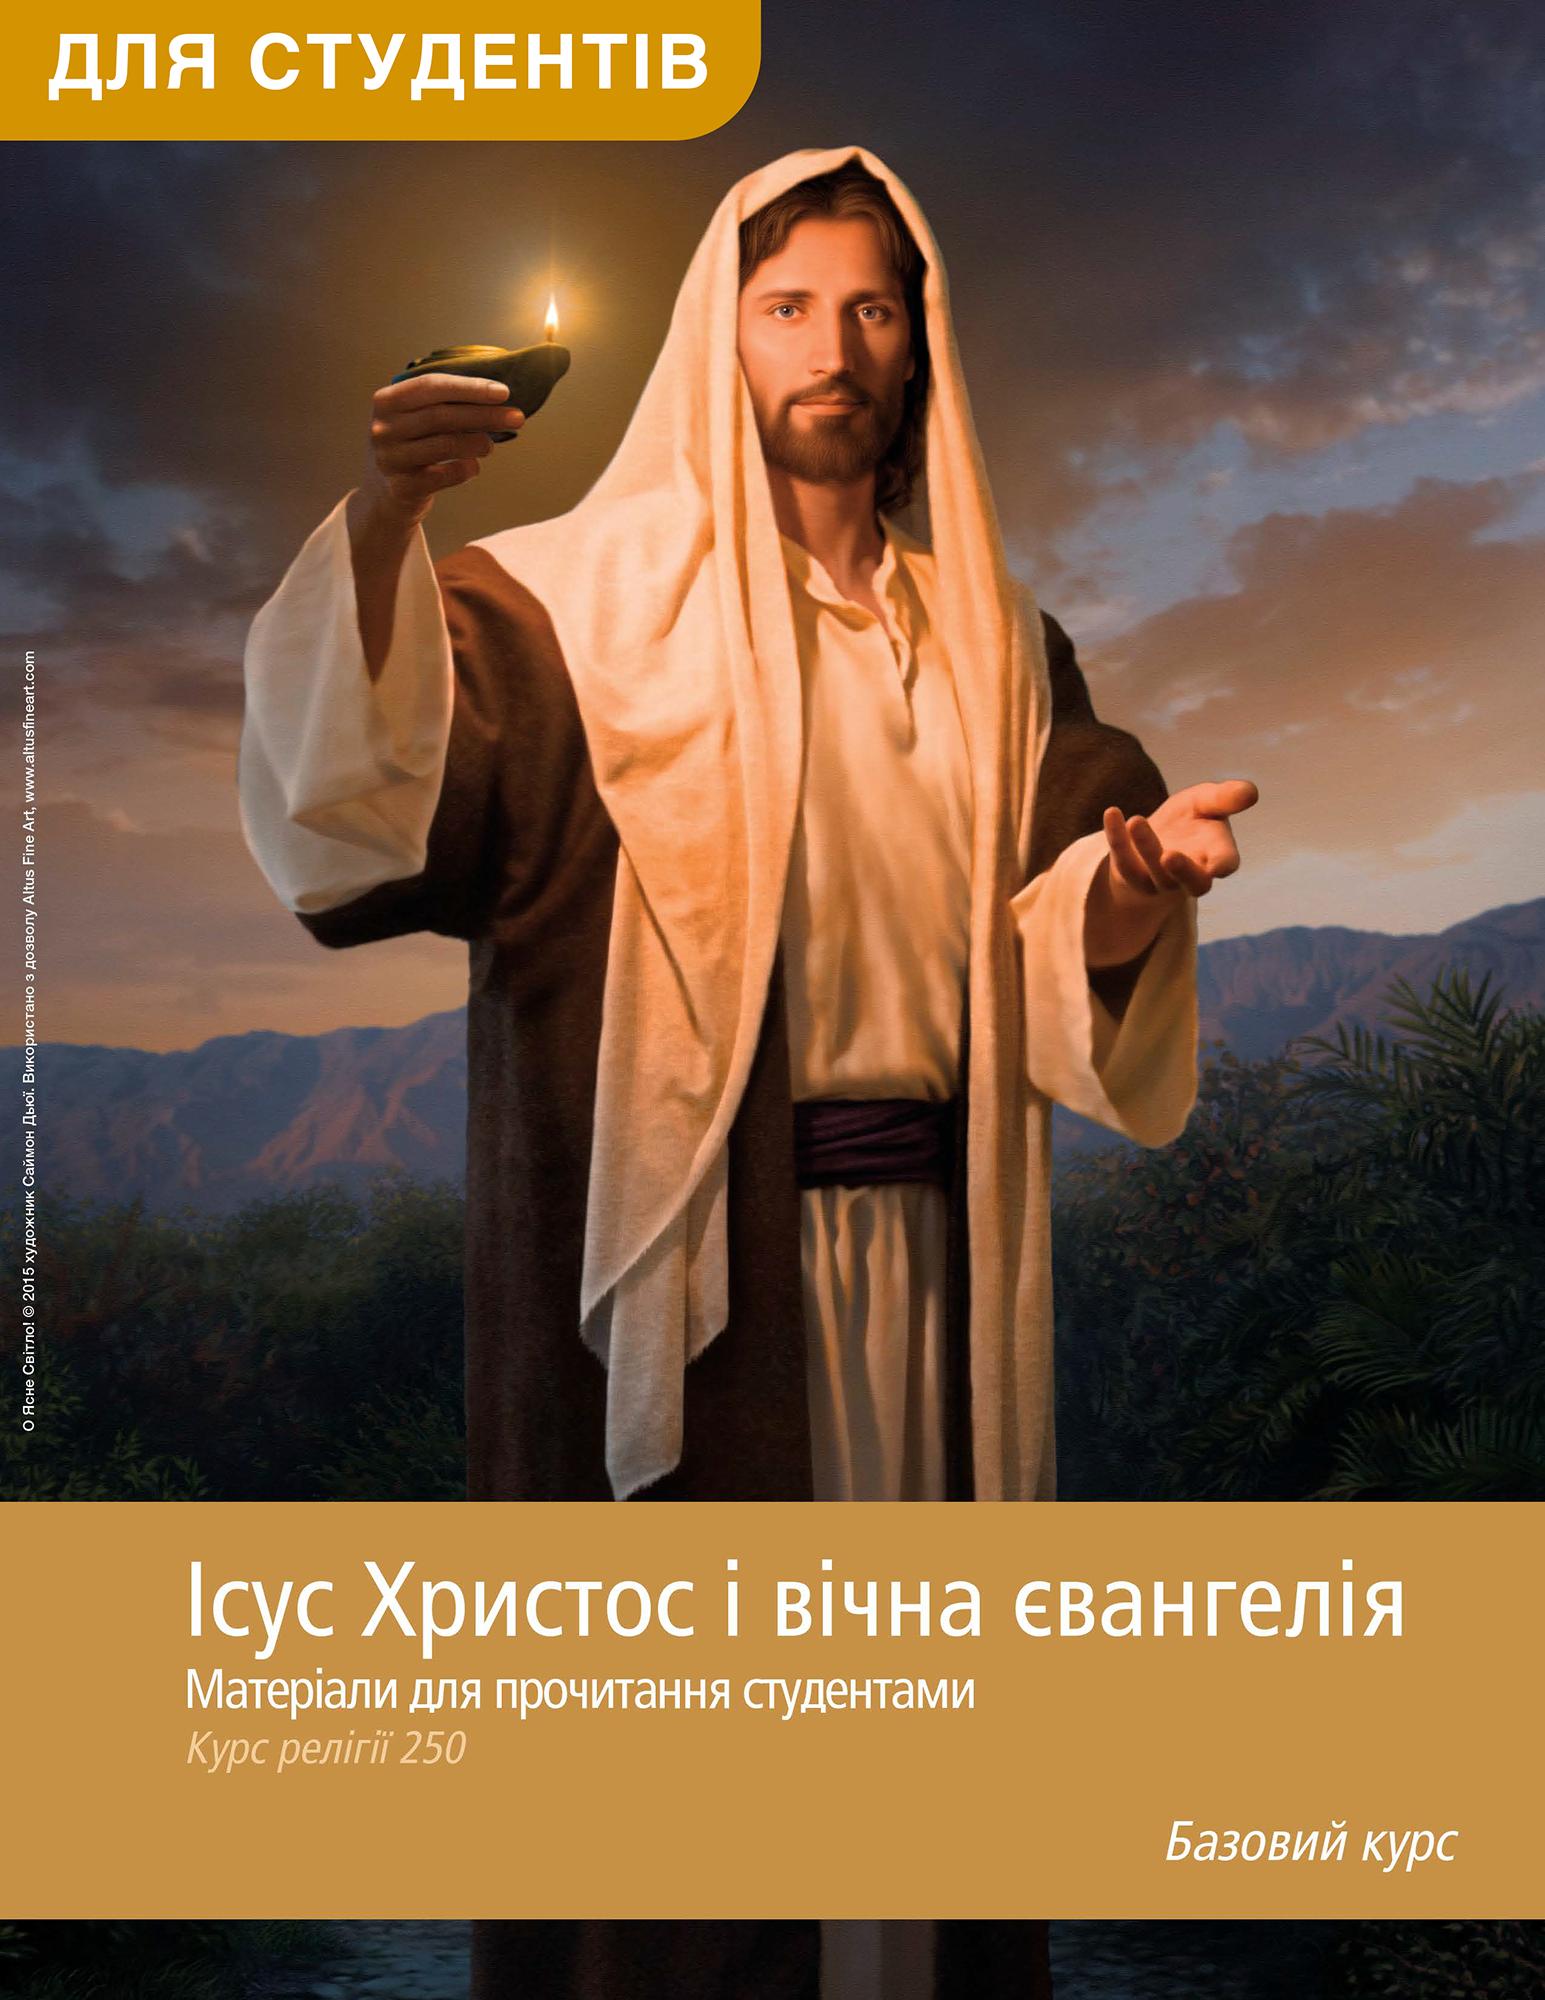 Ісус Христос і вічна євангелія. Матеріали для прочитання студентами (Рел 250)